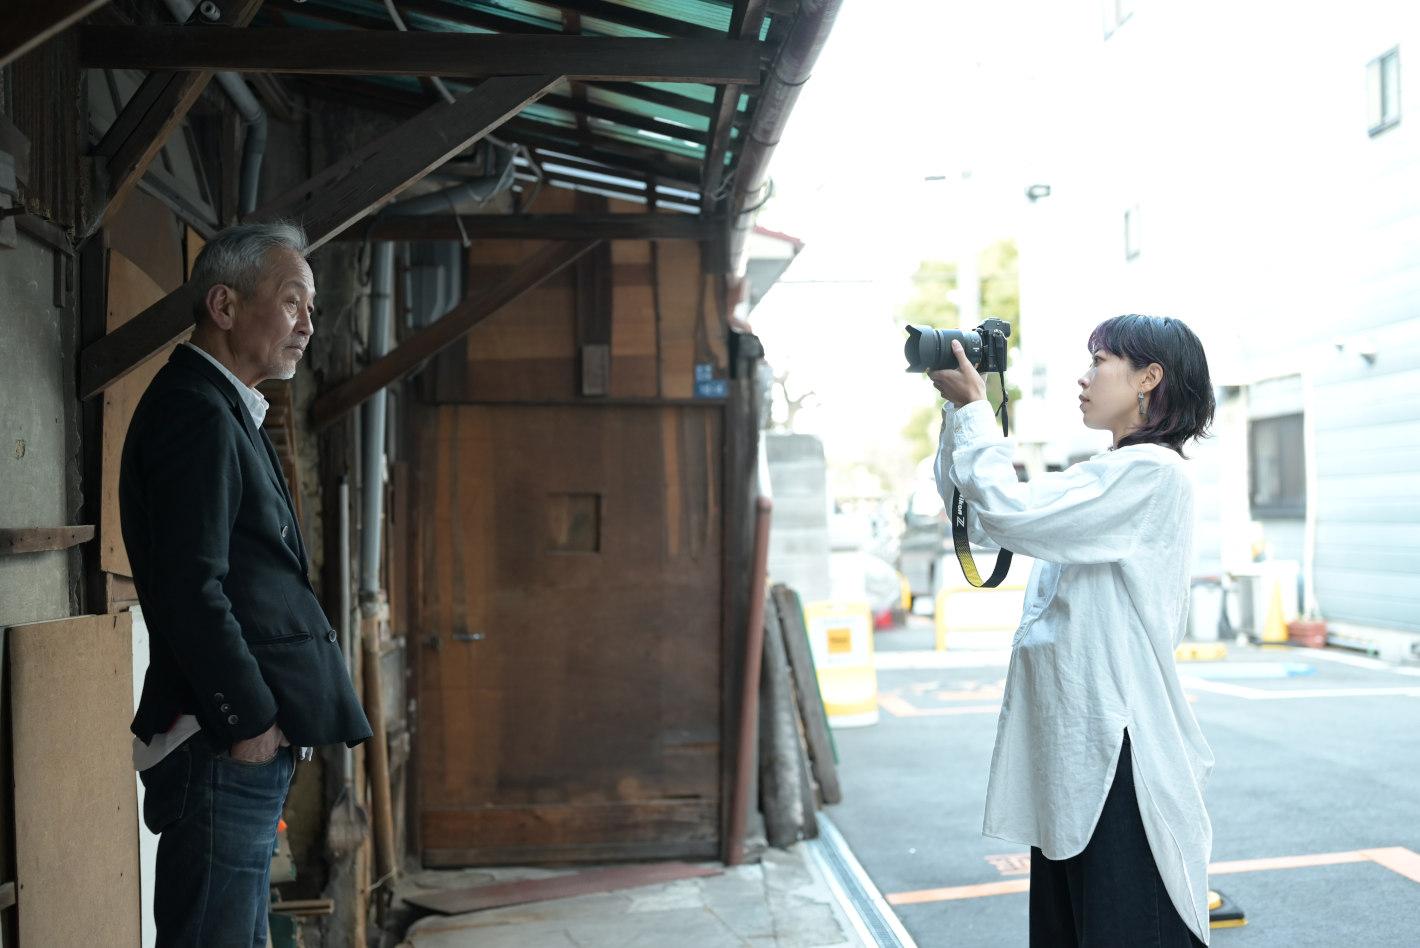 父とのデートが遺影撮影会になった話 – noteで話題の作家 島田彩さんのフォトエッセイ